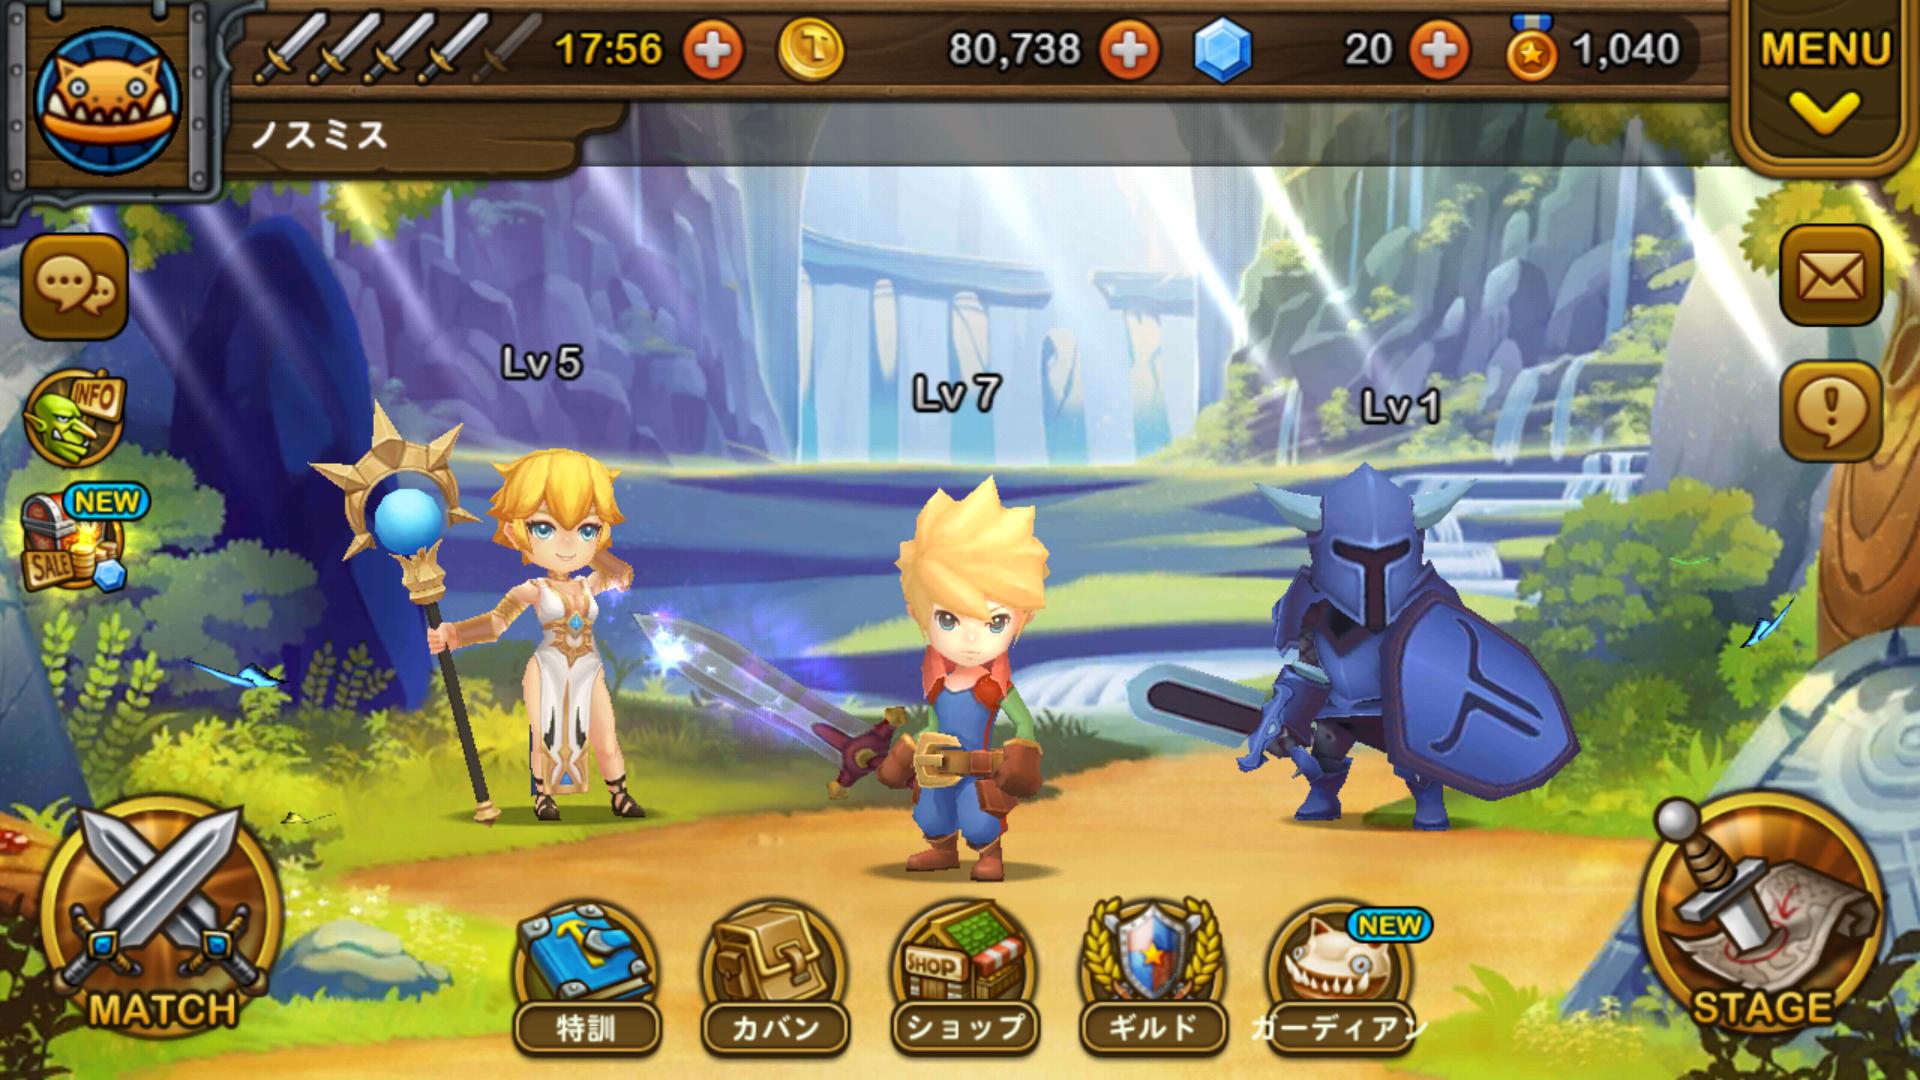 ガーディアンハンター(Guardian Hunter) androidアプリスクリーンショット3